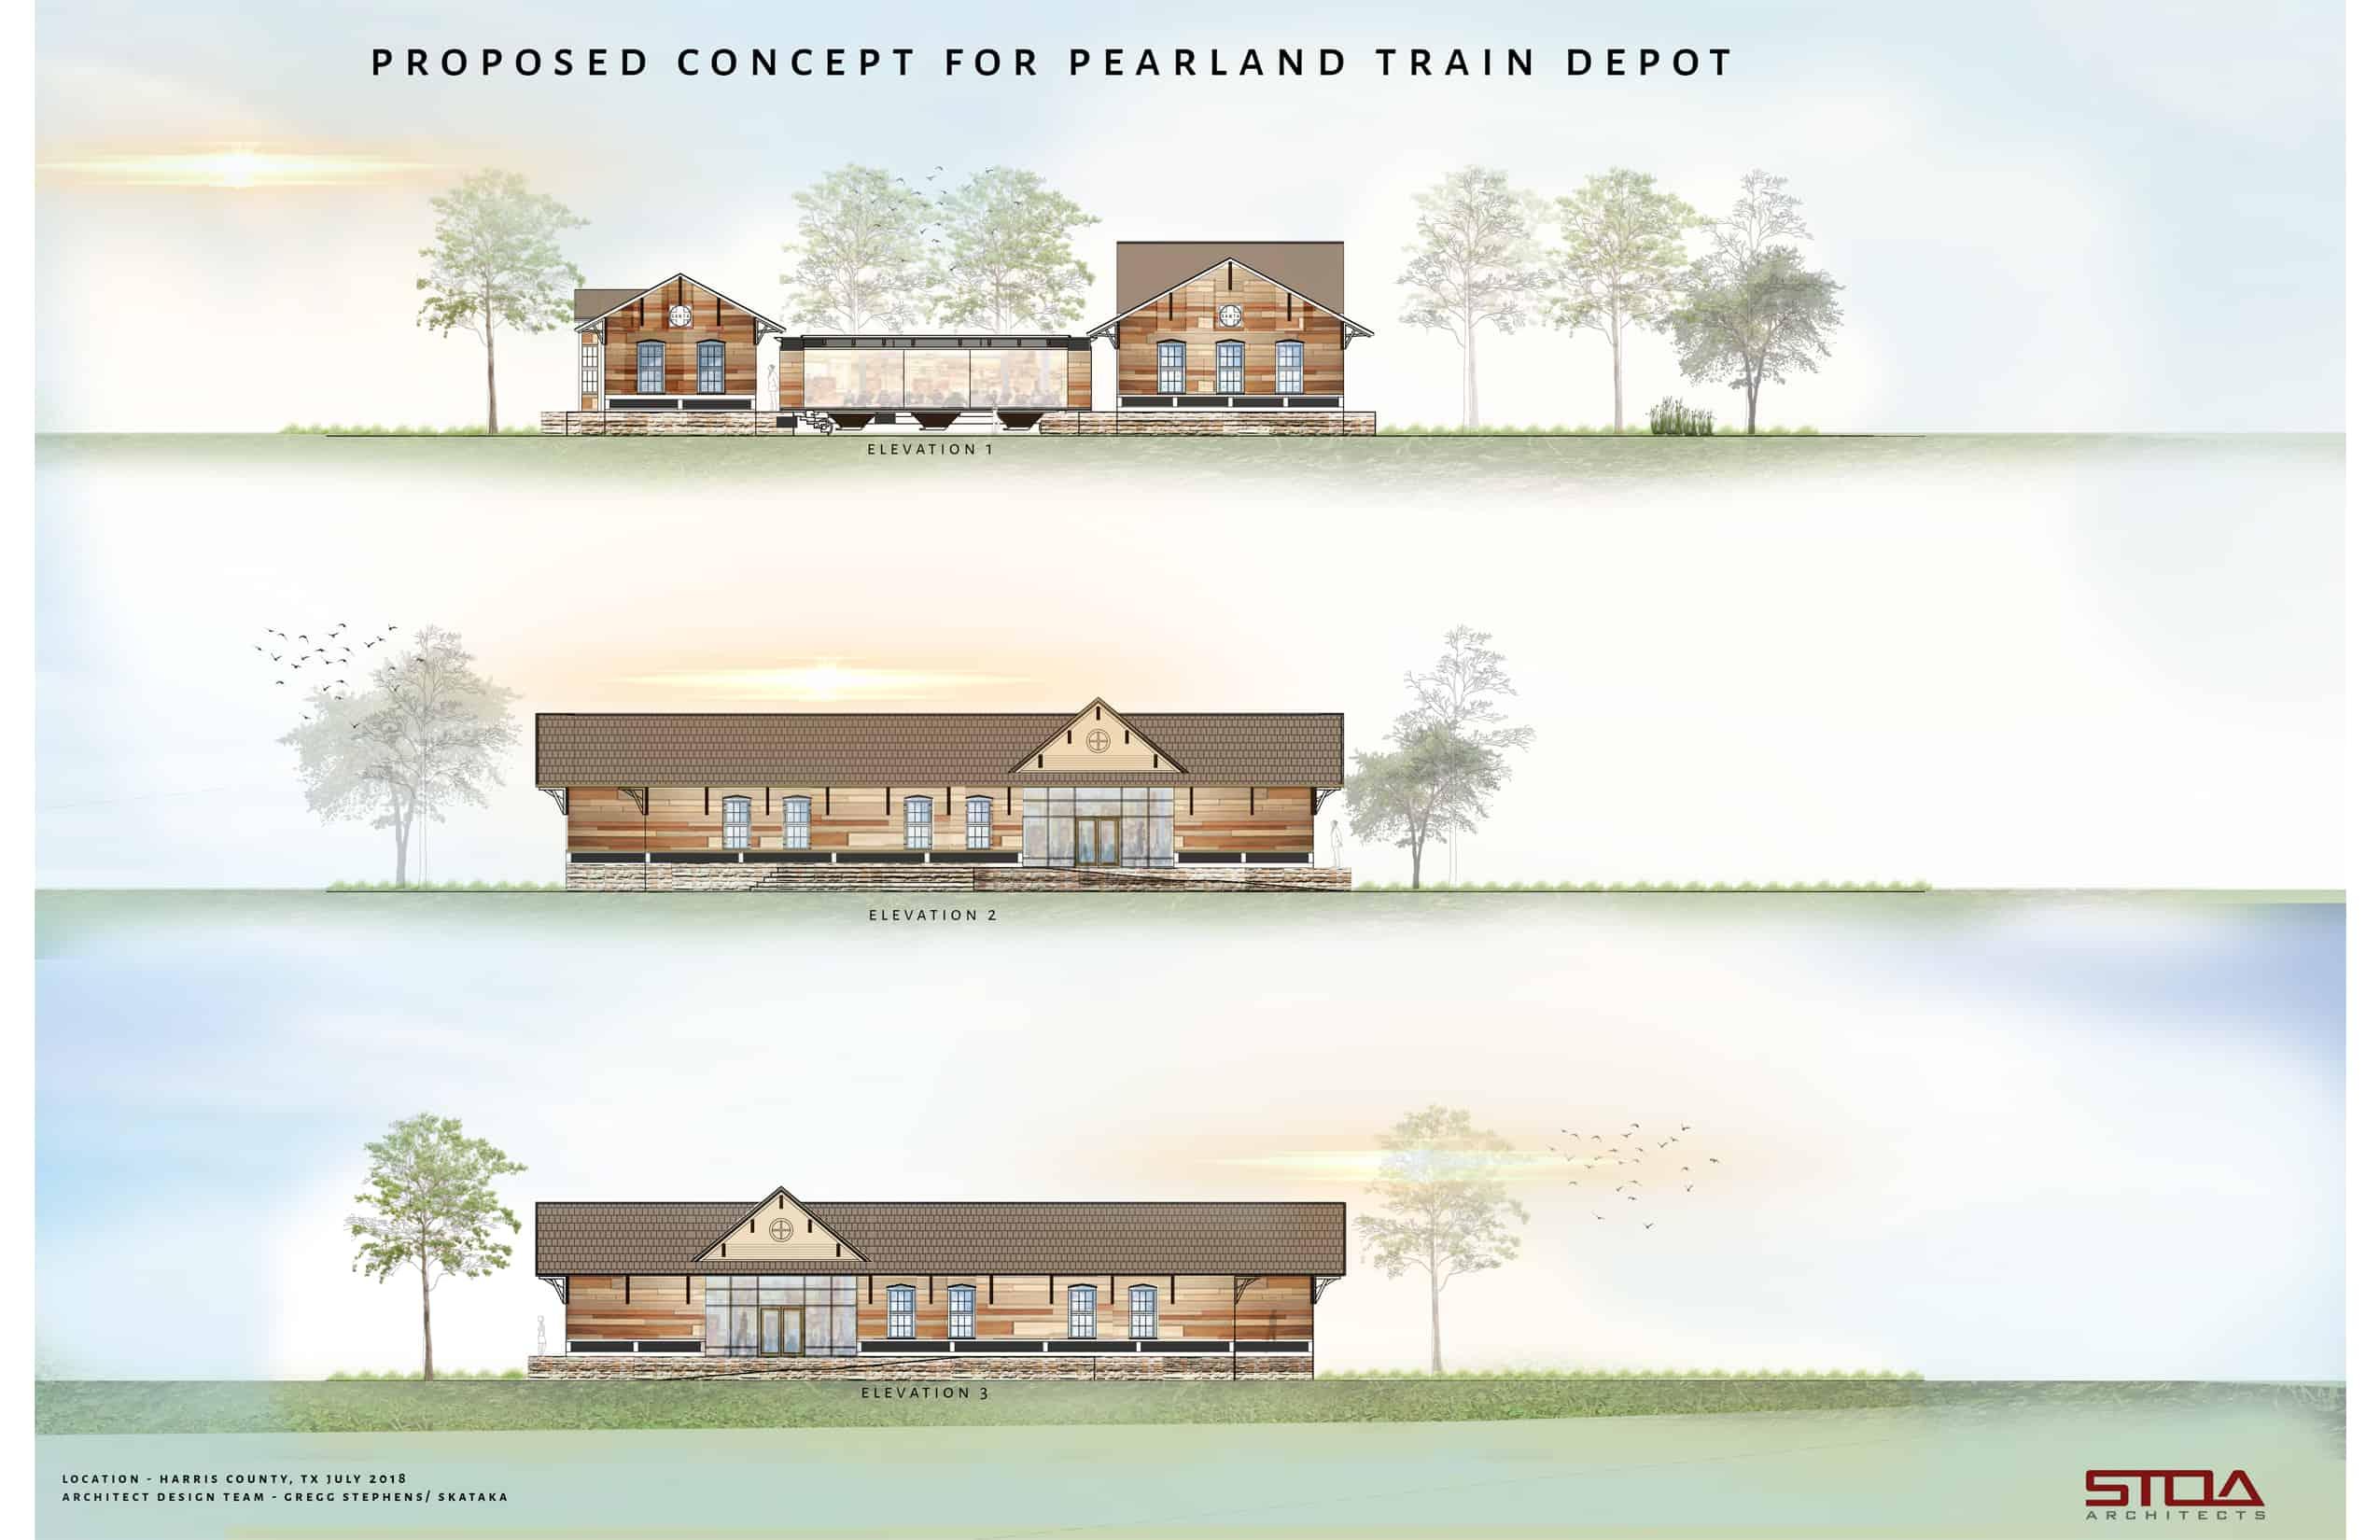 depot concept plan